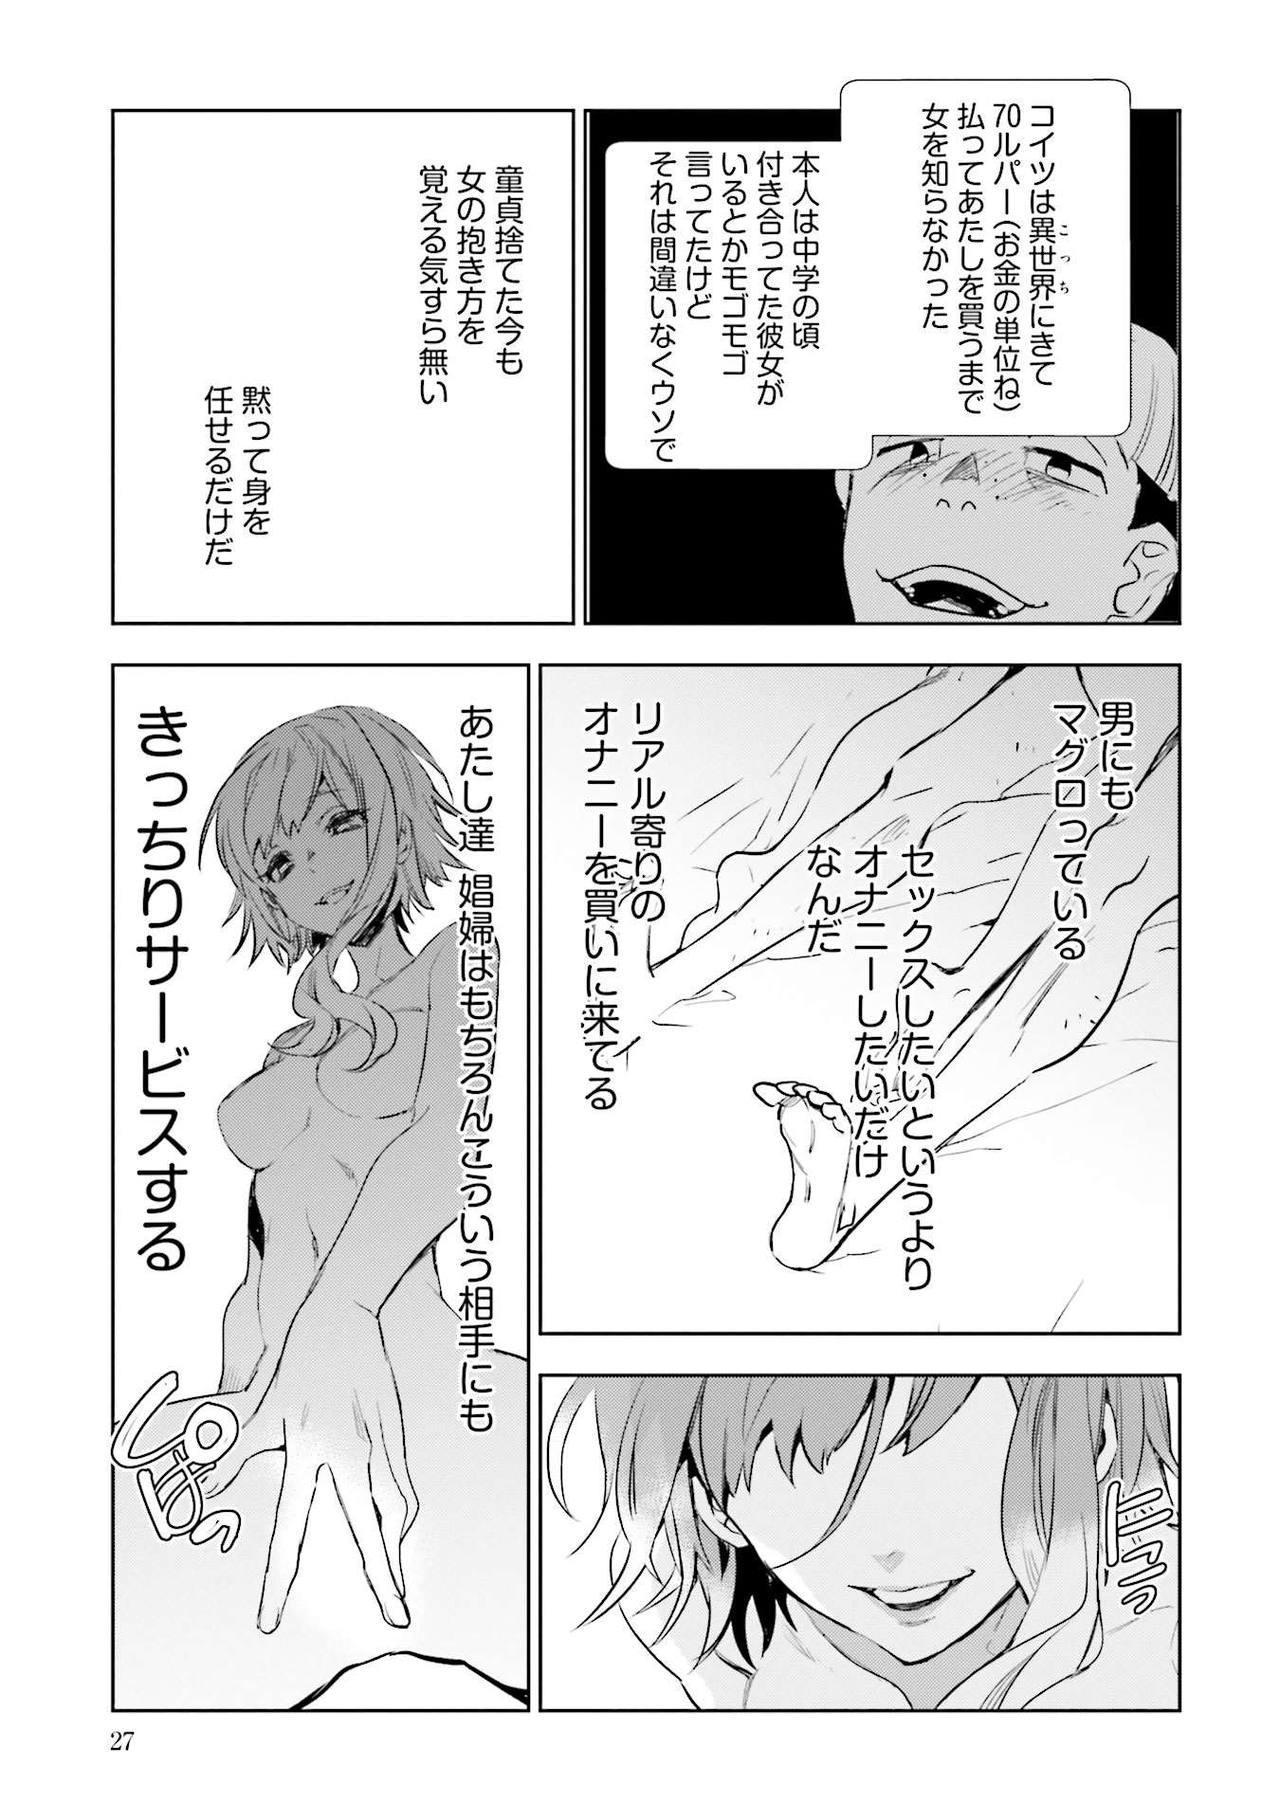 JK Haru wa Isekai de Shoufu ni Natta 1-14 28